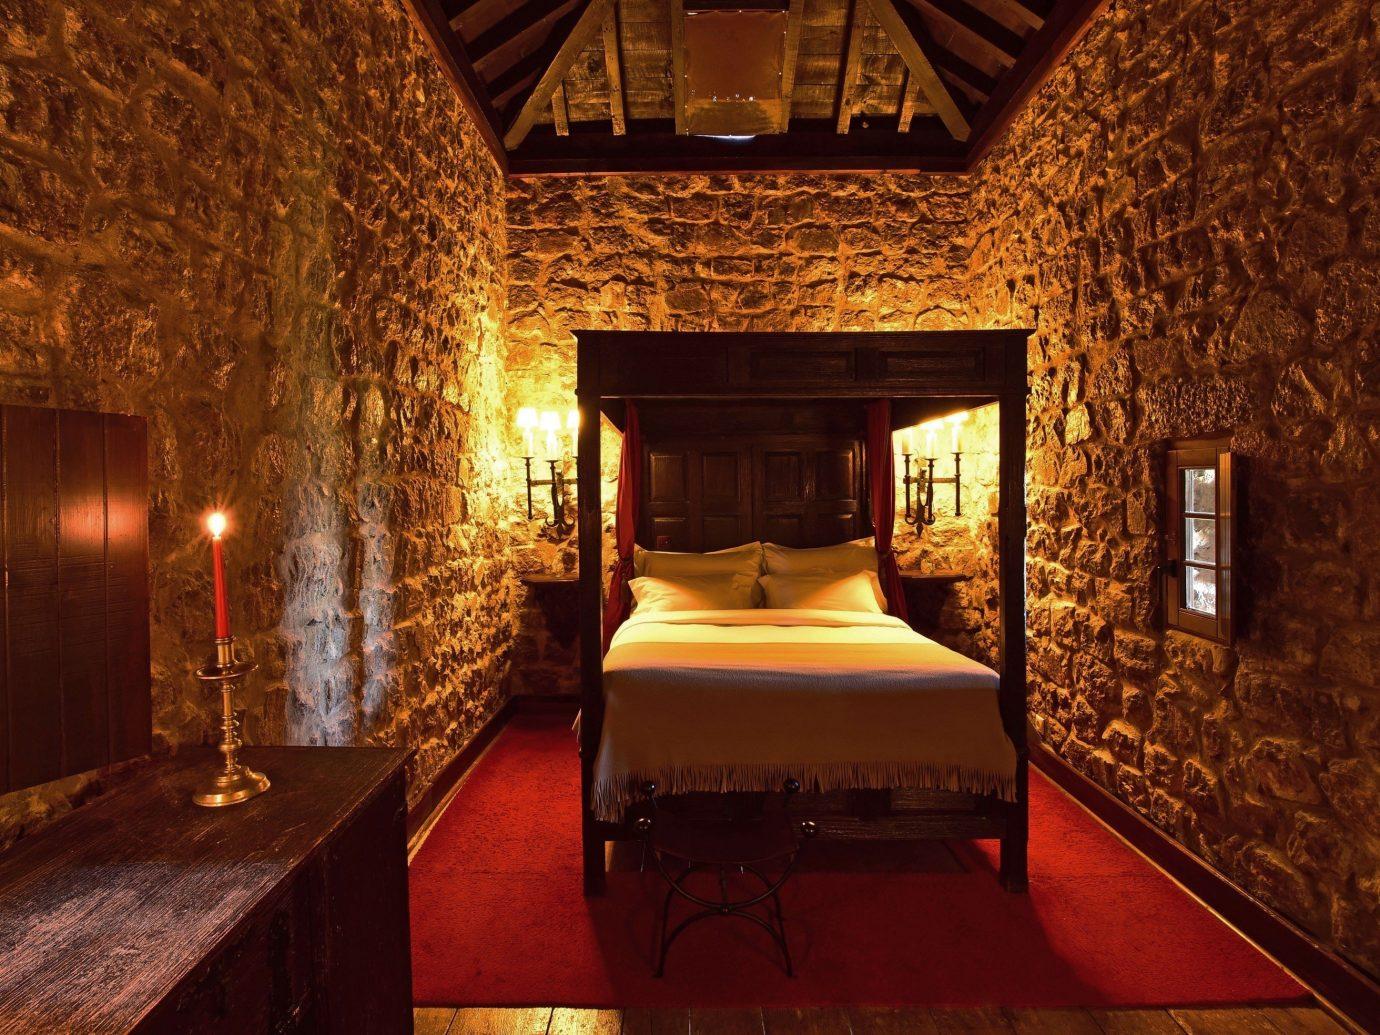 Hotels indoor room property building estate cottage interior design screenshot mansion basement